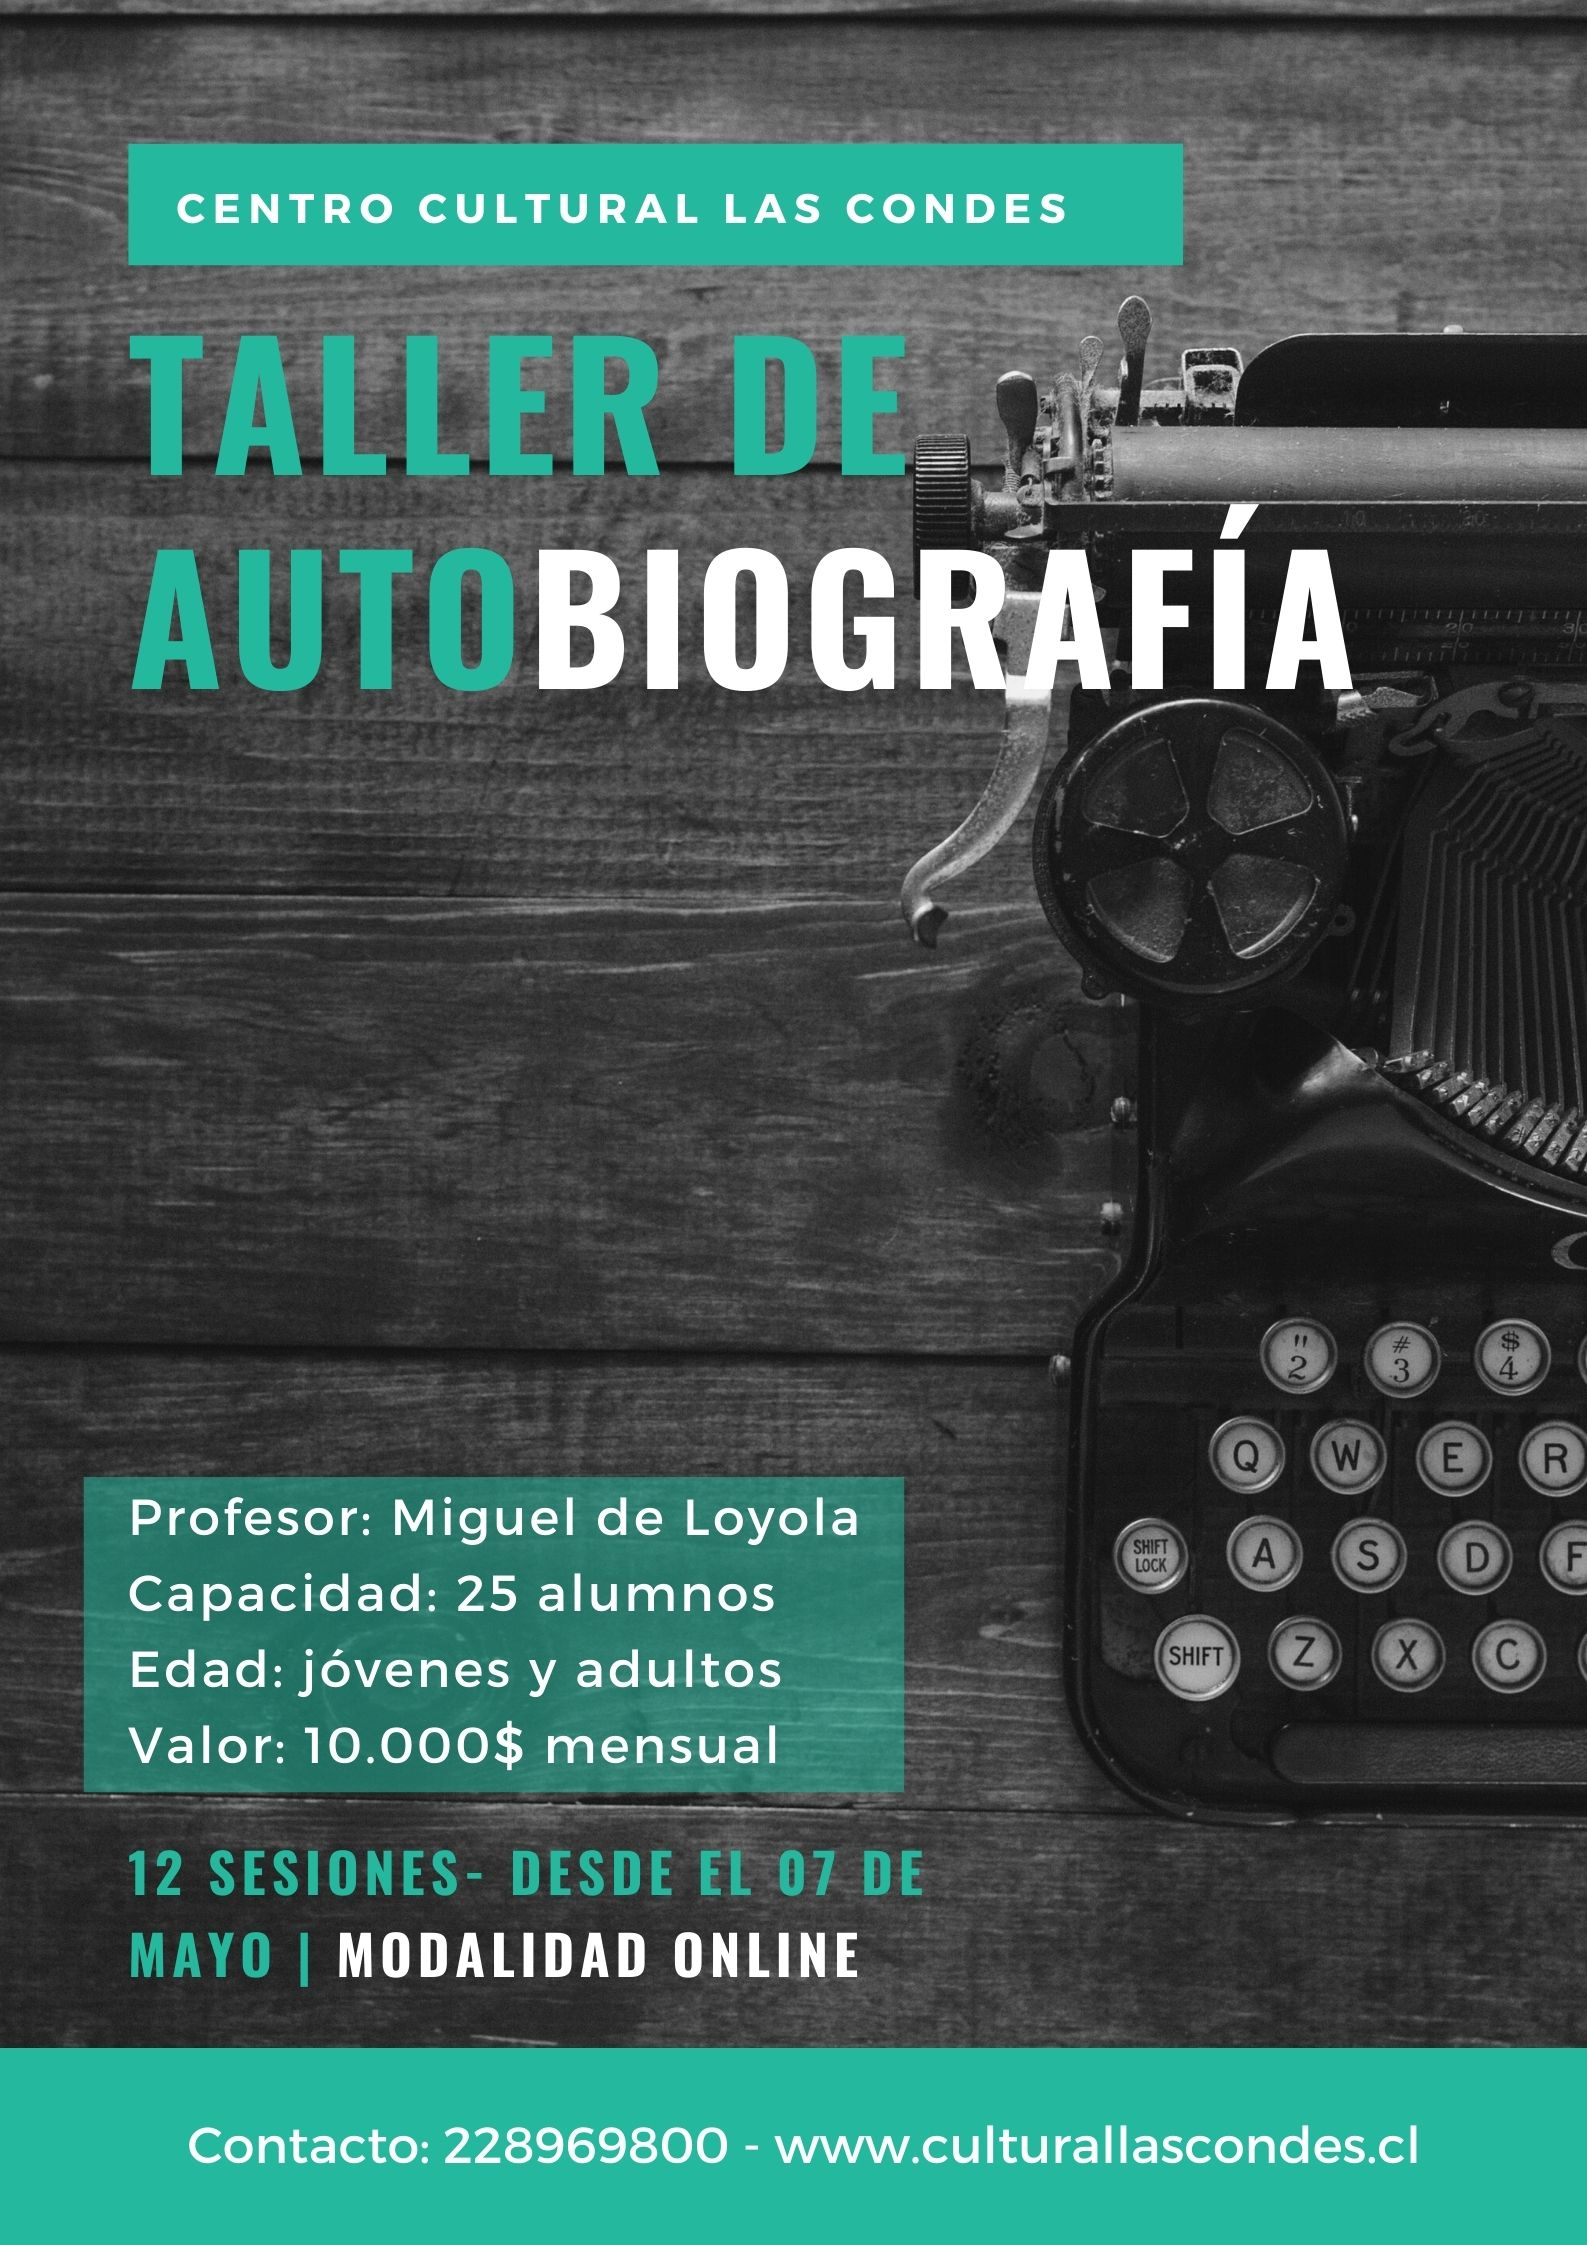 Taller de autobiografía - Miguel de Loyola